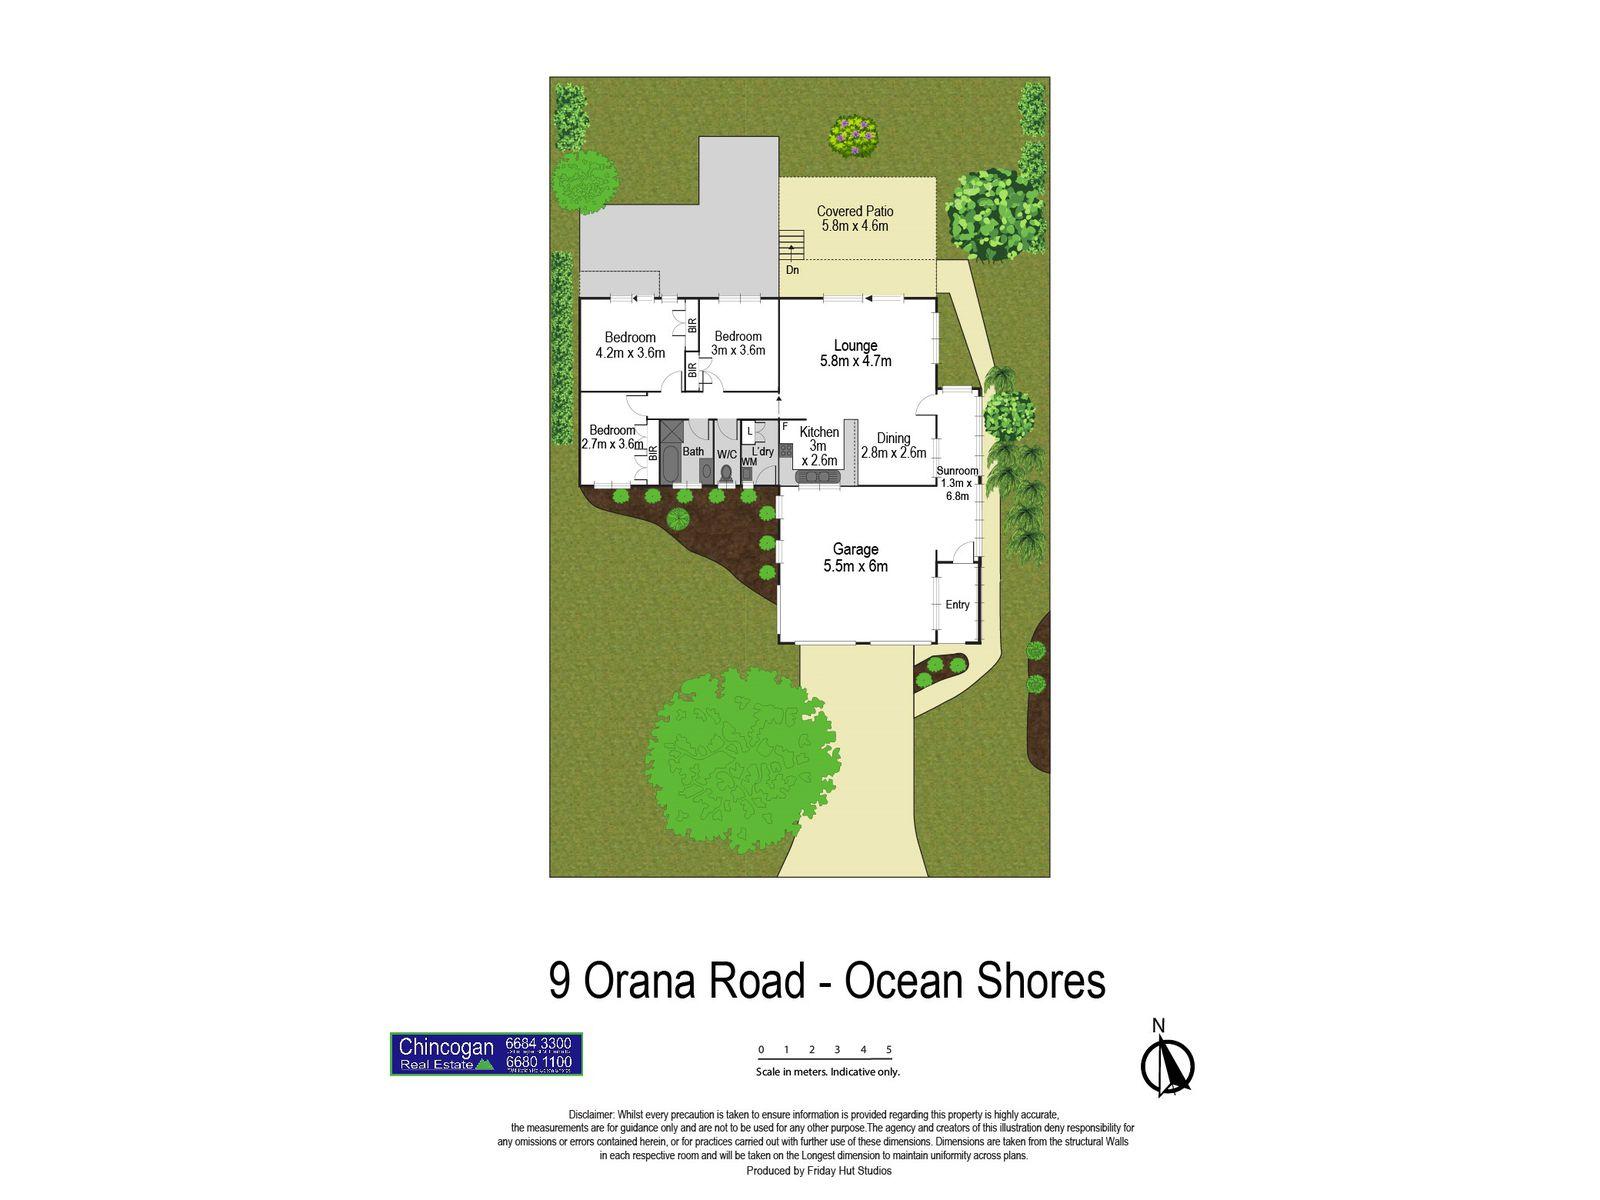 9 Orana Road, Ocean Shores